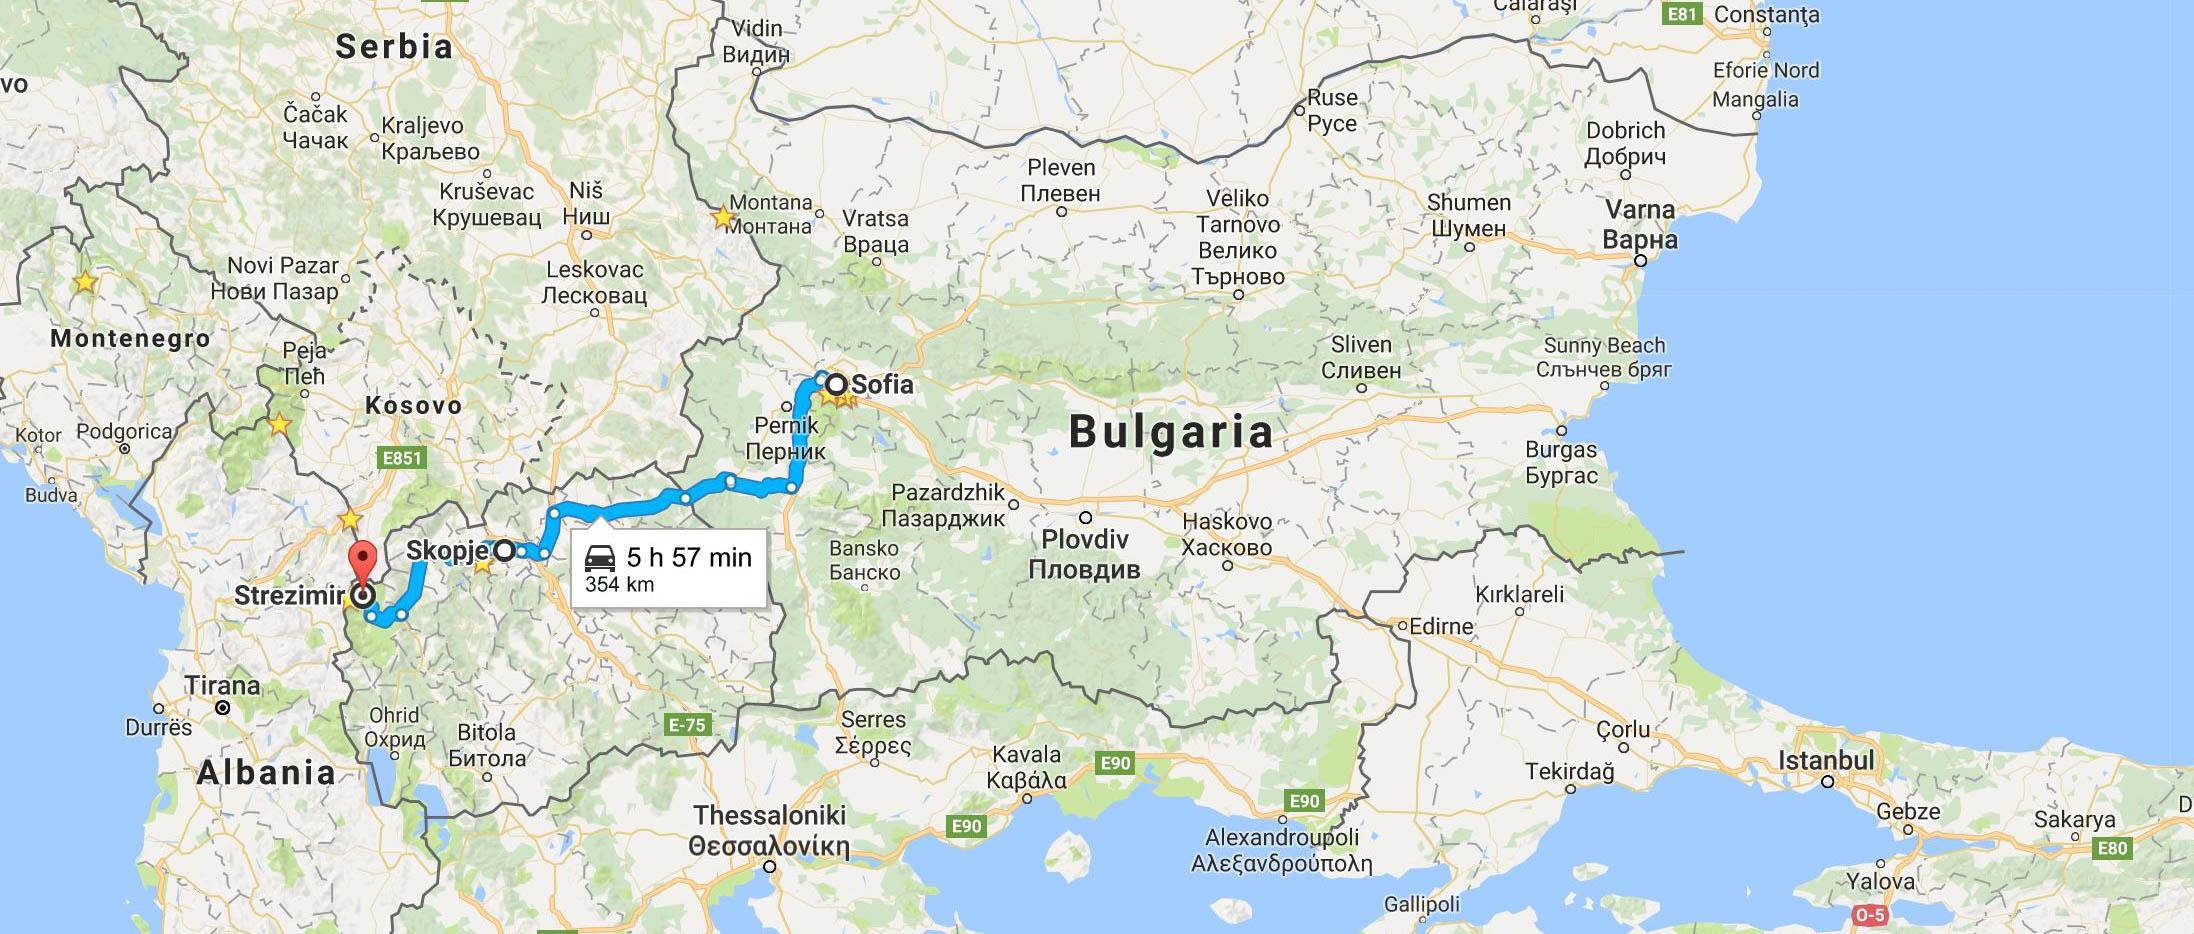 from Bulgaria ot Macedonia